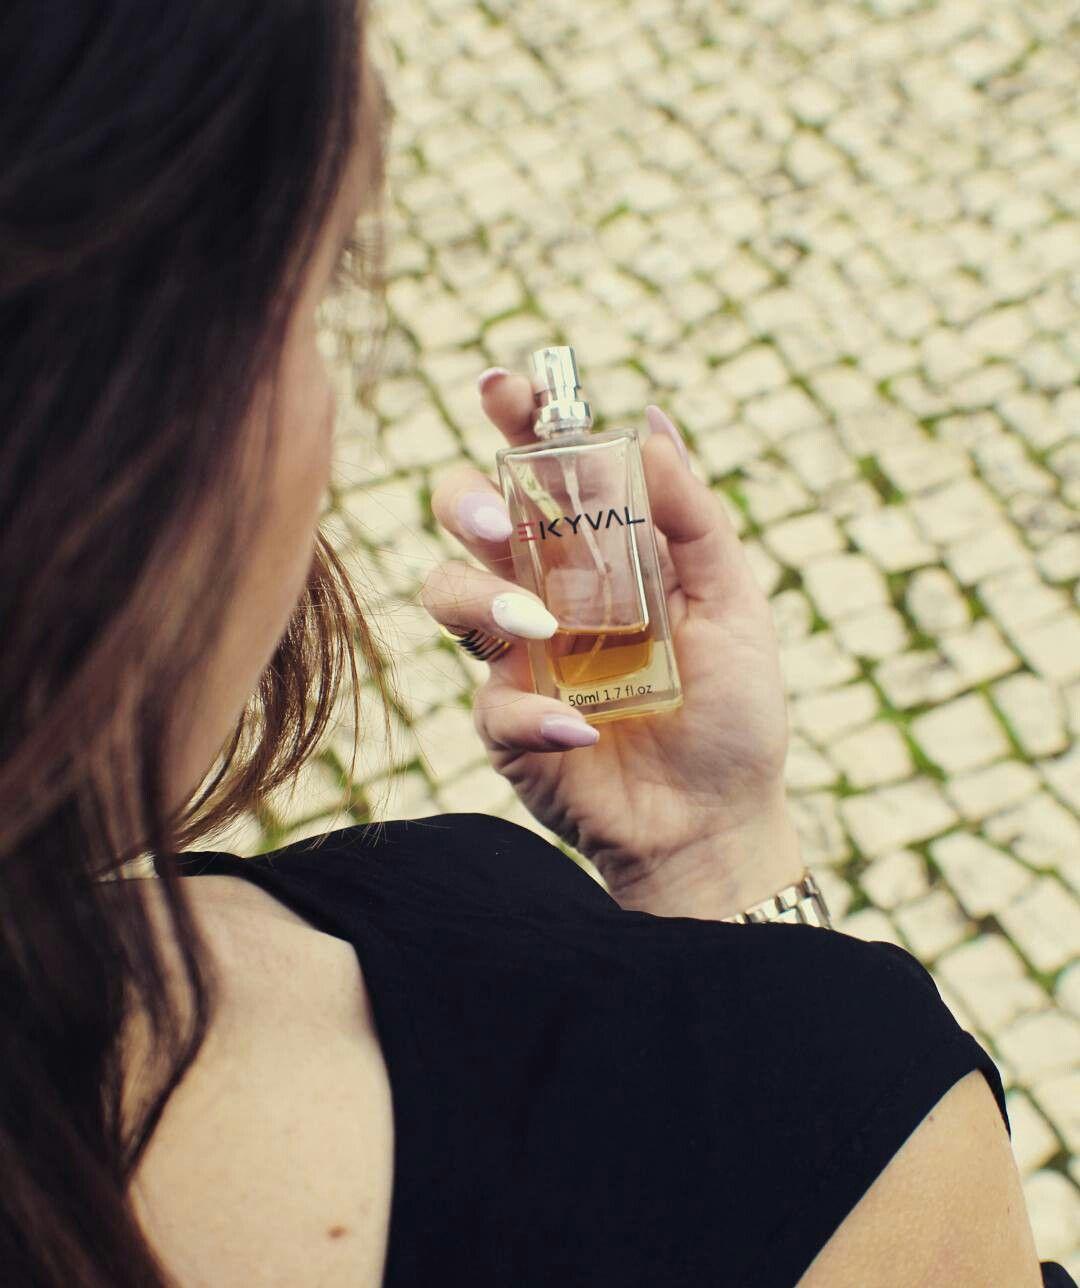 """Todos os nossos perfumes são feitos com um alto percentual de essência natural da mais alta qualidade e nosso toque exclusivo sobre o processo de maceração, faz com que obtenhamos um resultado bastante aproximado """"para não dizer exato"""" ao das fragrância originais tanto no aroma como na duração. Venha conhecer a nossa loja no Centro Comercial da Portela. #perfumista #parfums #perfumelovers #perfumes #perfumelover #scentoftheday #scents #flacon #perfumebottle #perfumeaddict #eaudetoilette…"""